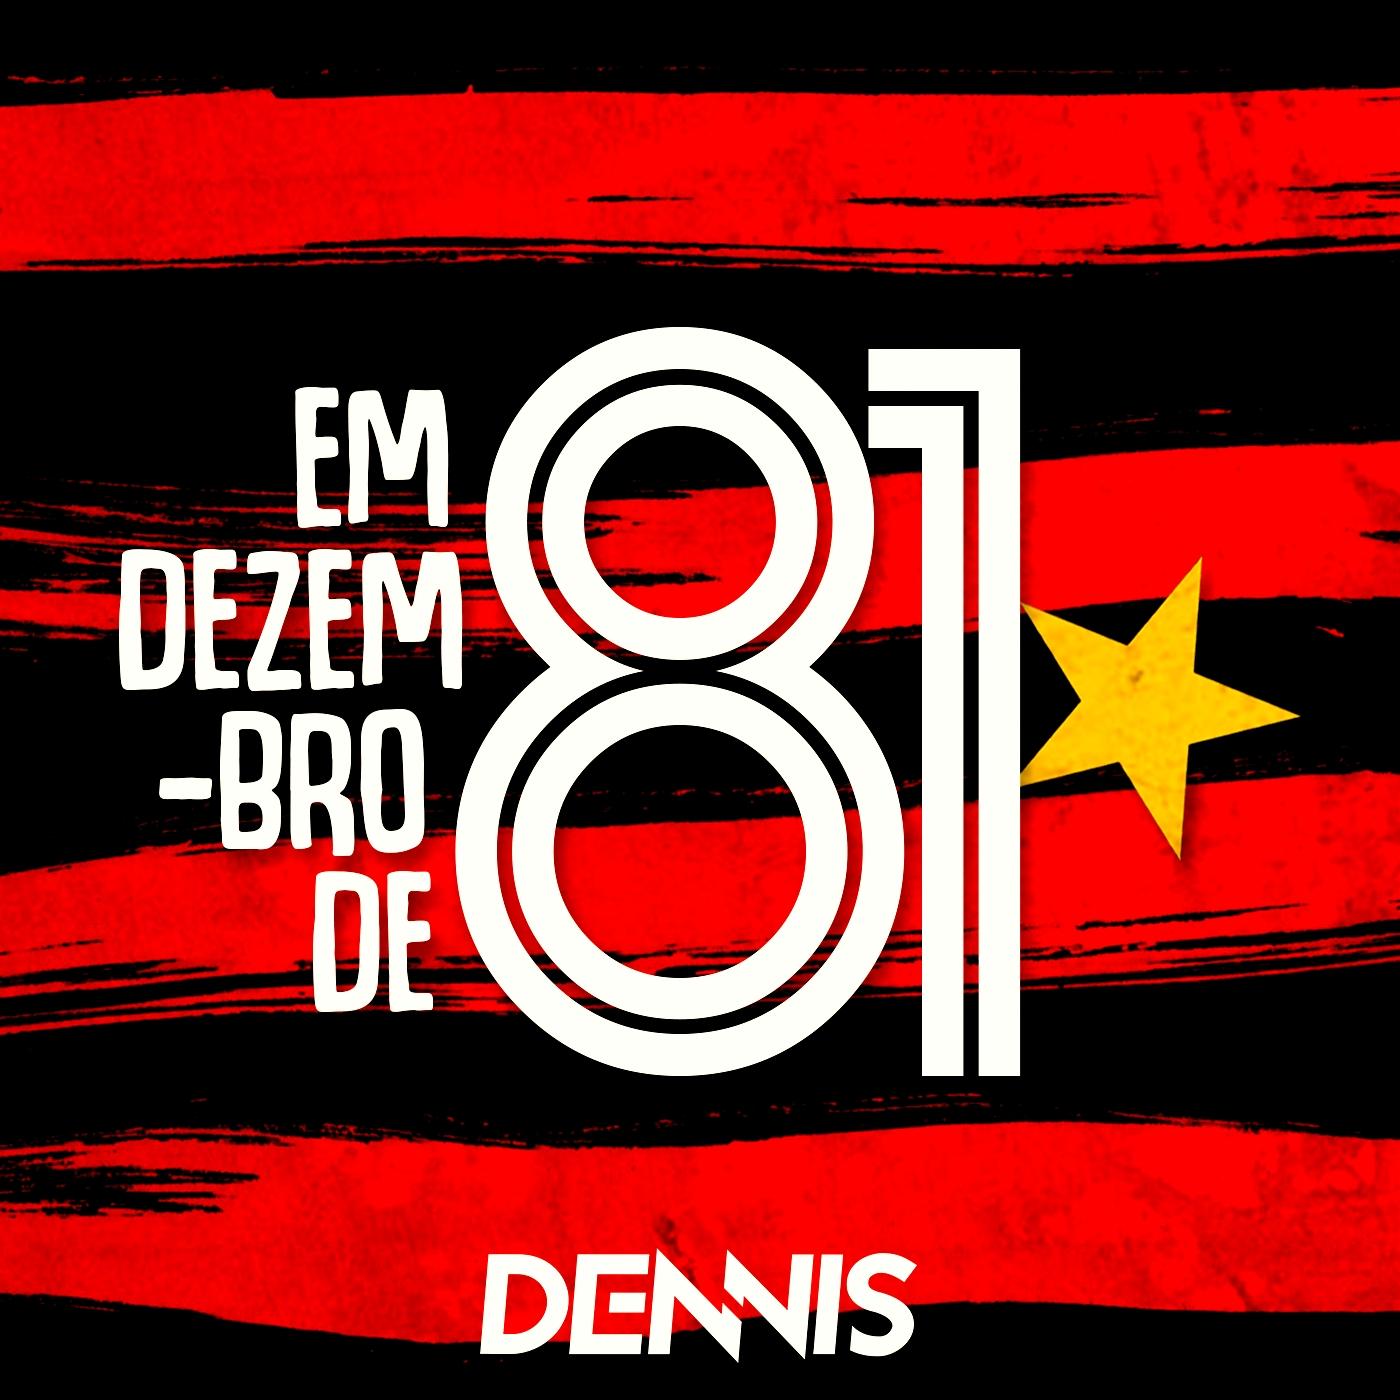 Dennis DJ lança versão remixada de música do time do Flamengo 41